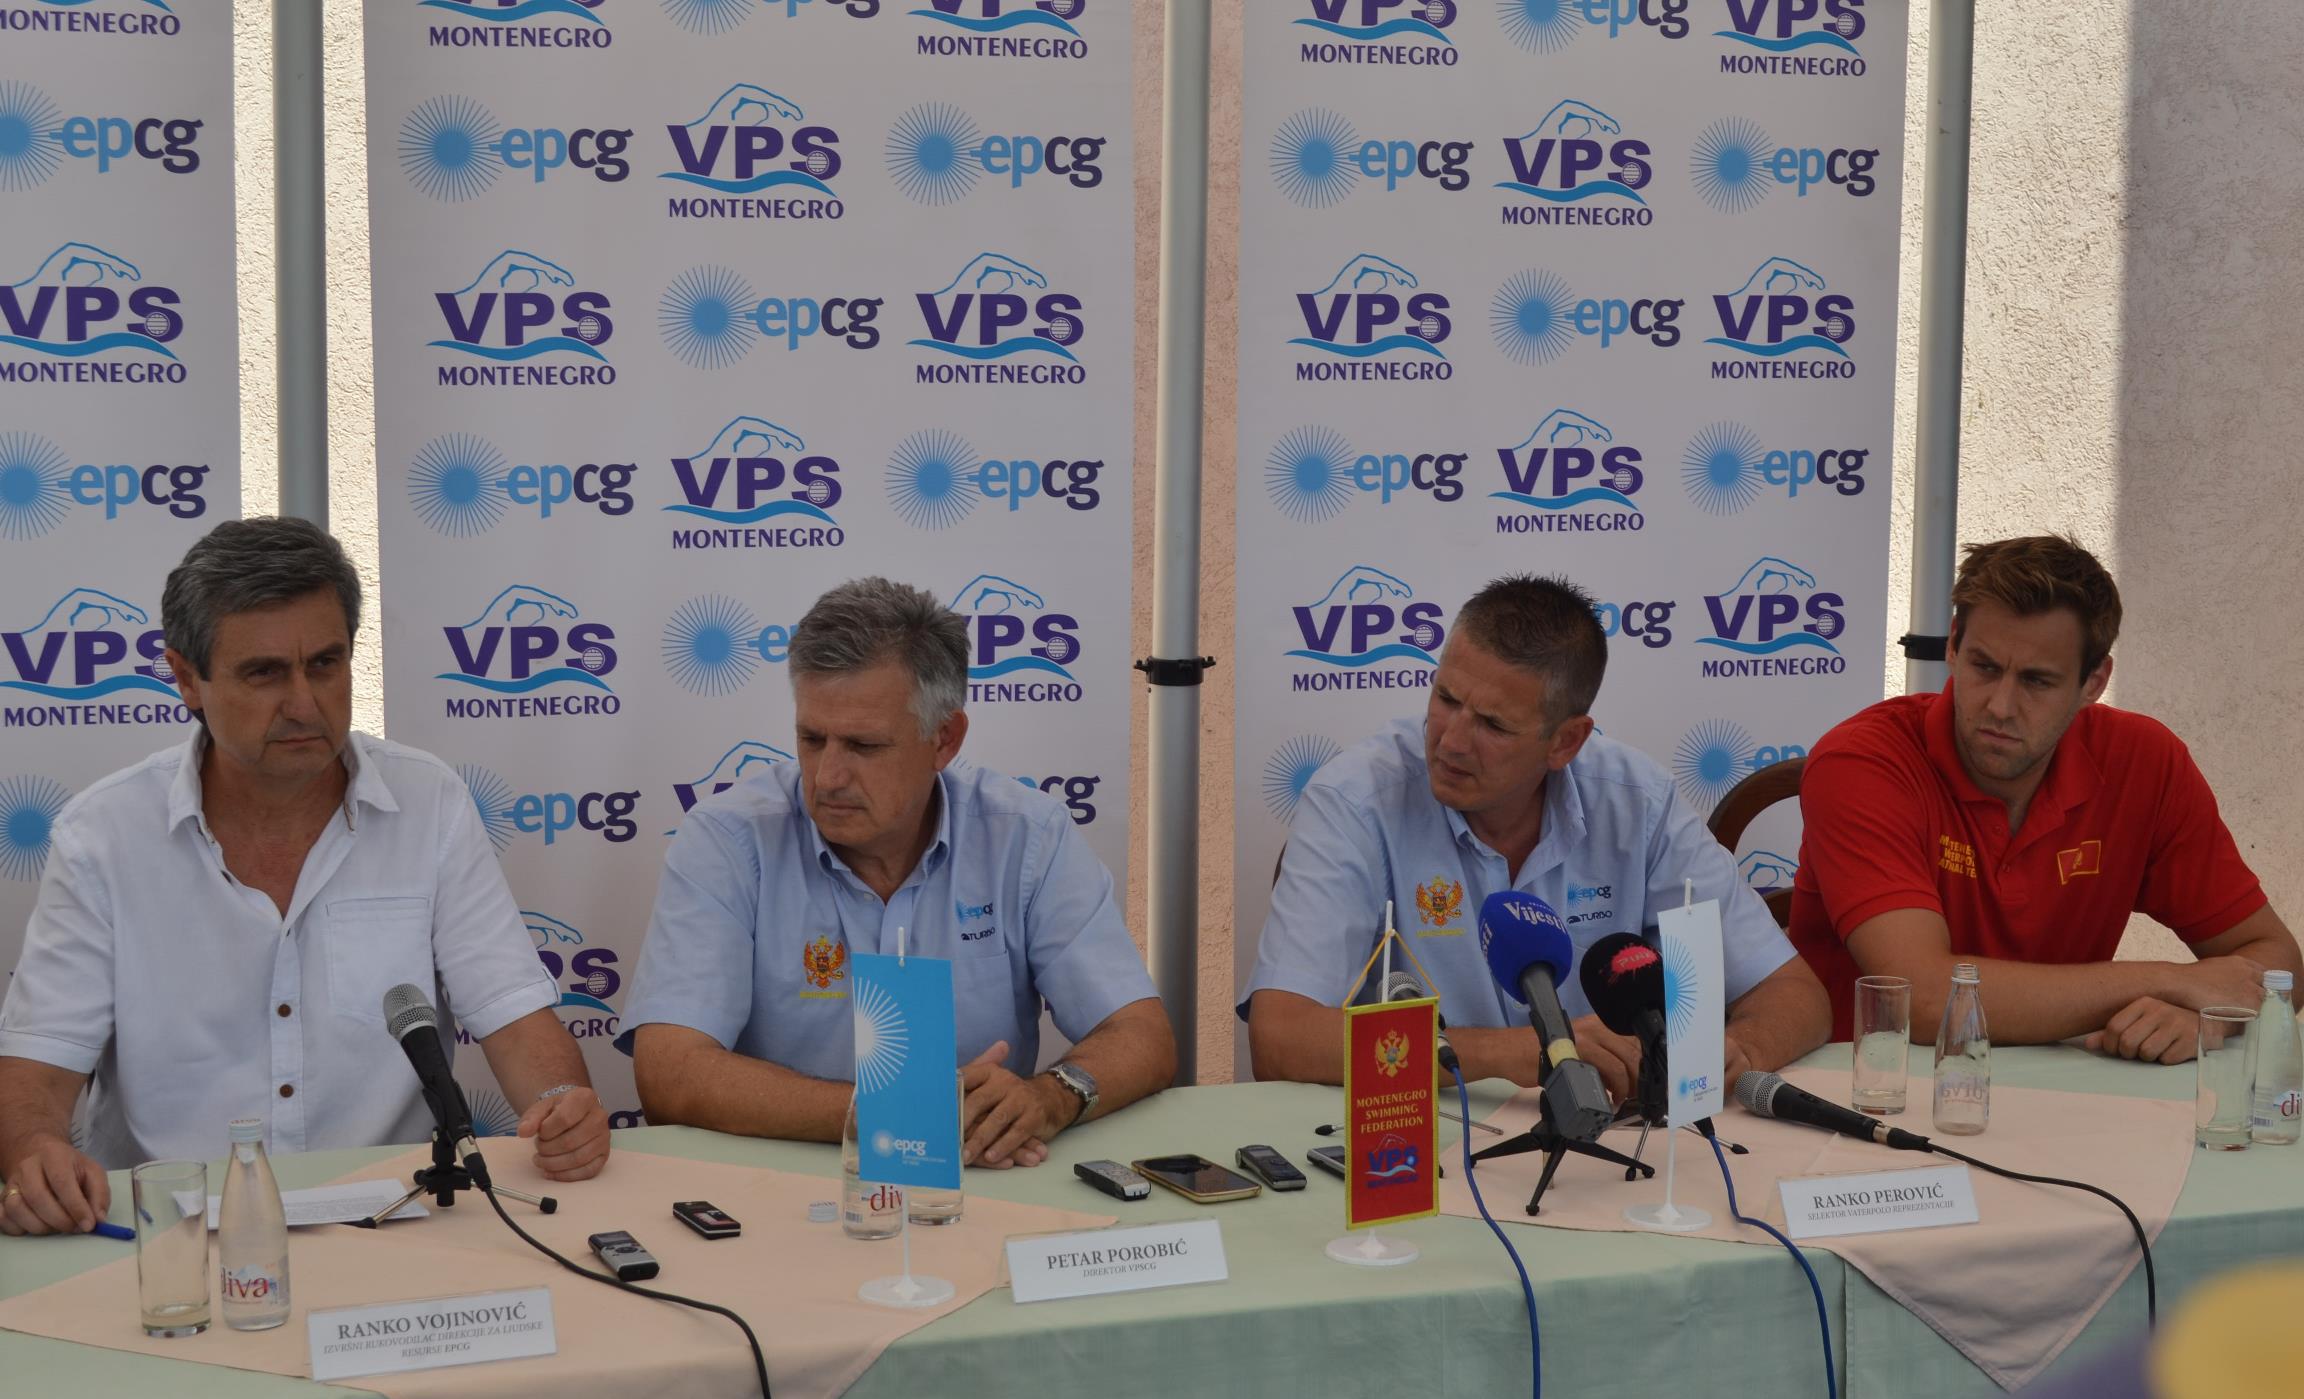 Nastavak tradicionalne saradnje kompanije EPCG sa Vaterpolo i plivačkim savezom Crne Gore